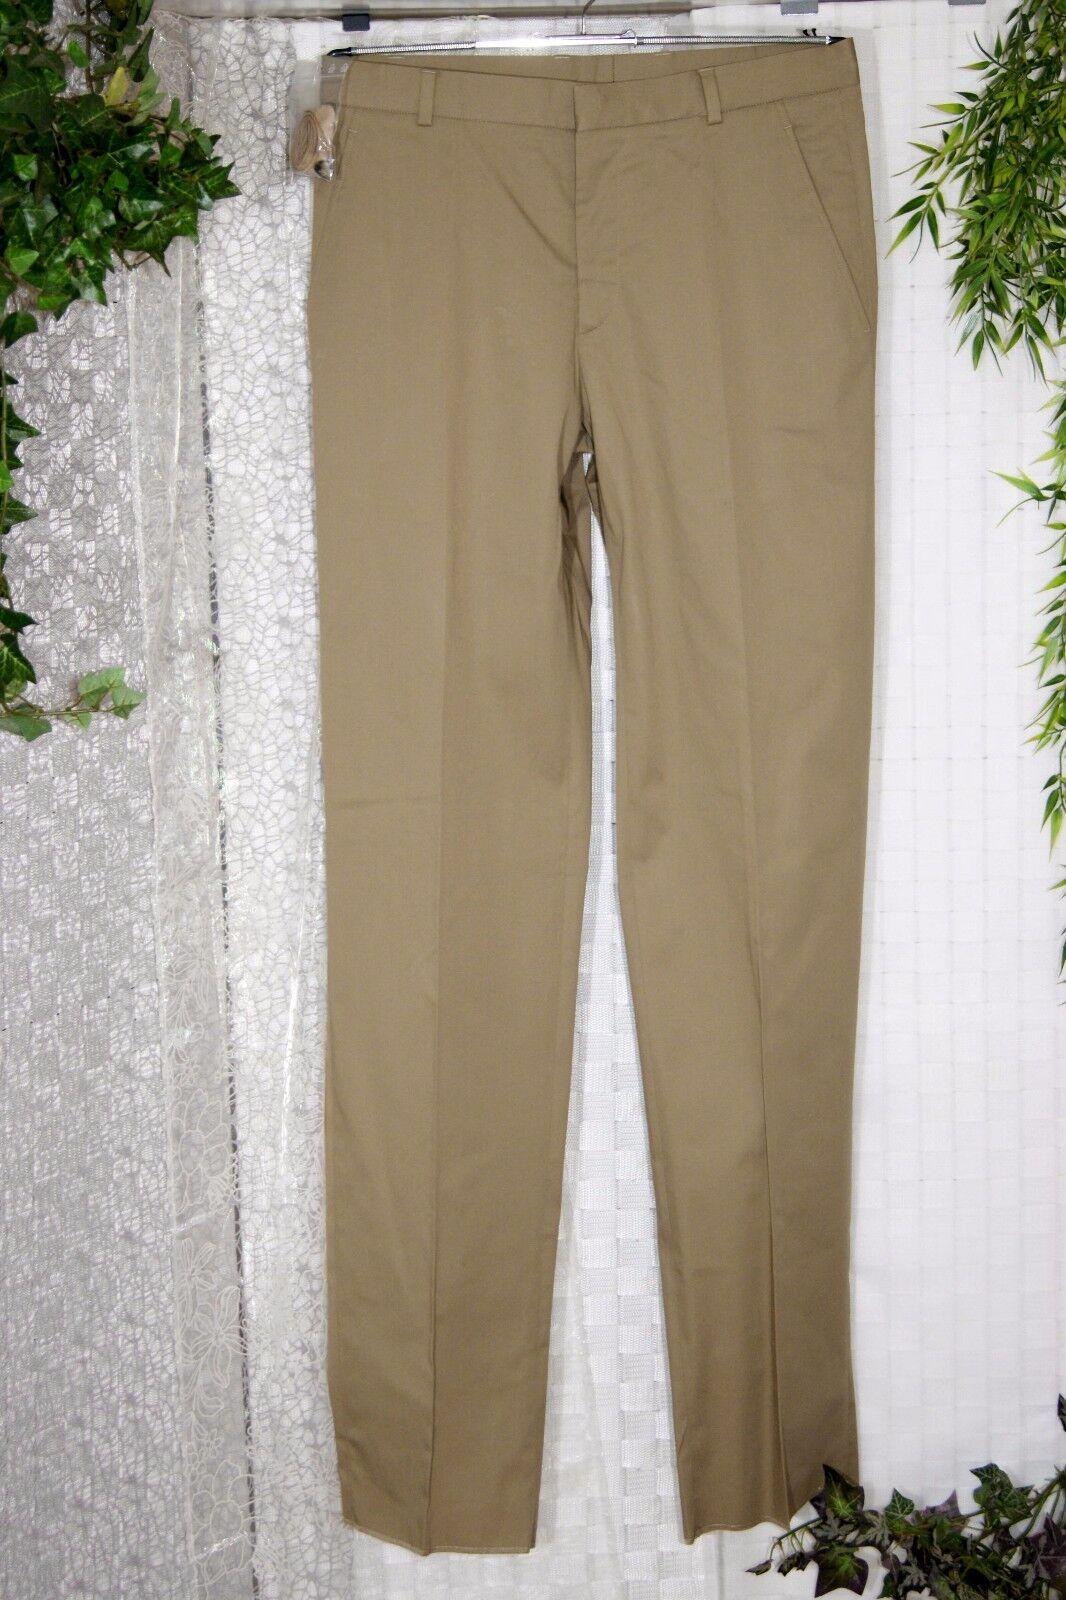 Gabriele Strehle Strehle Strehle STRENESSE Business Pantaloni Tg. 46 R lunghezza 120 cm delle Nazioni Unite ridotti 9f4949